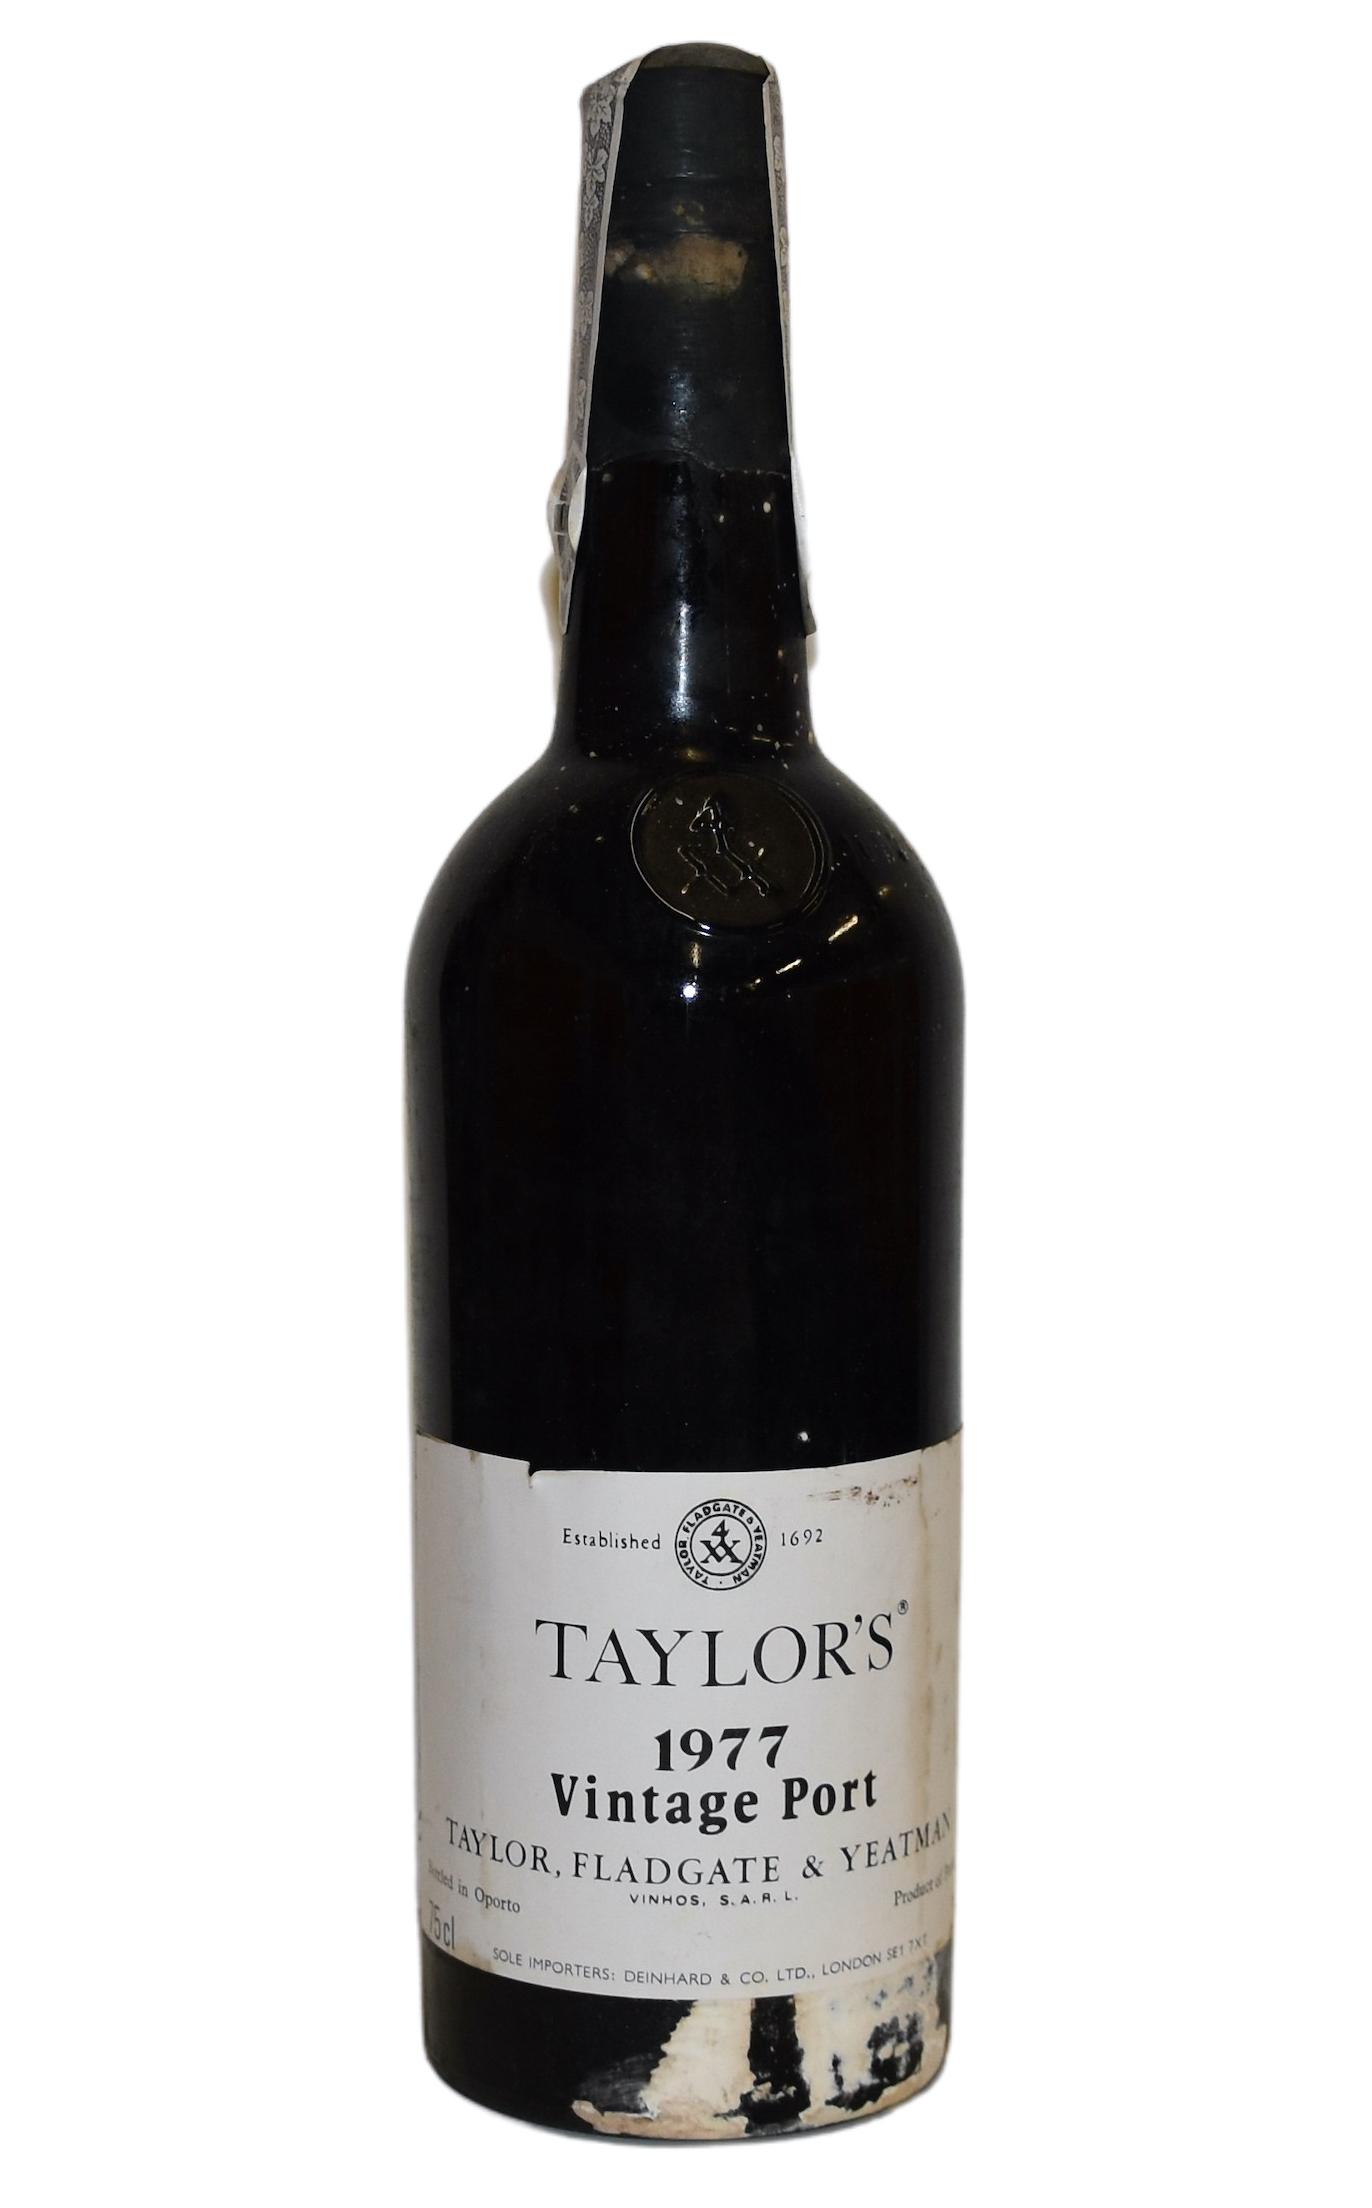 Taylor's Vintage 1977